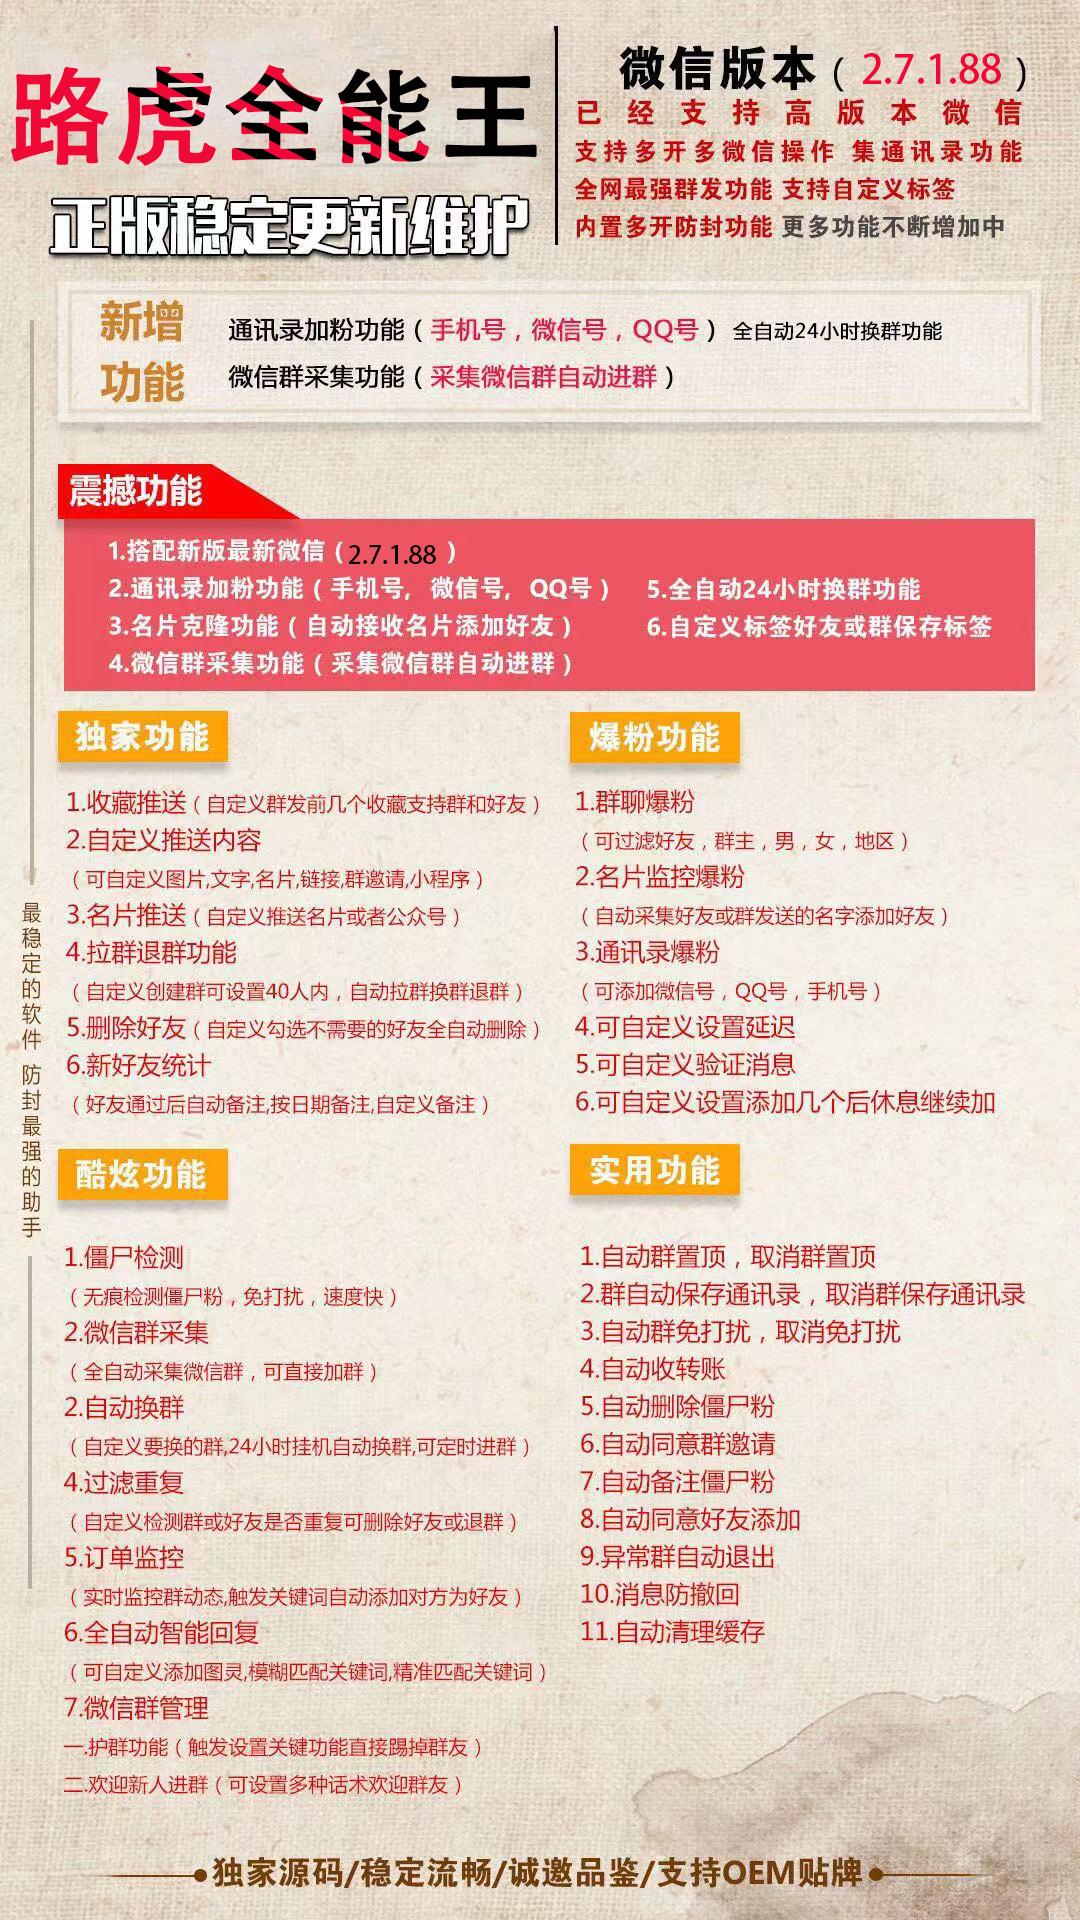 【路虎全能王官网】电脑版爆粉微信营销软件下载购买激活码